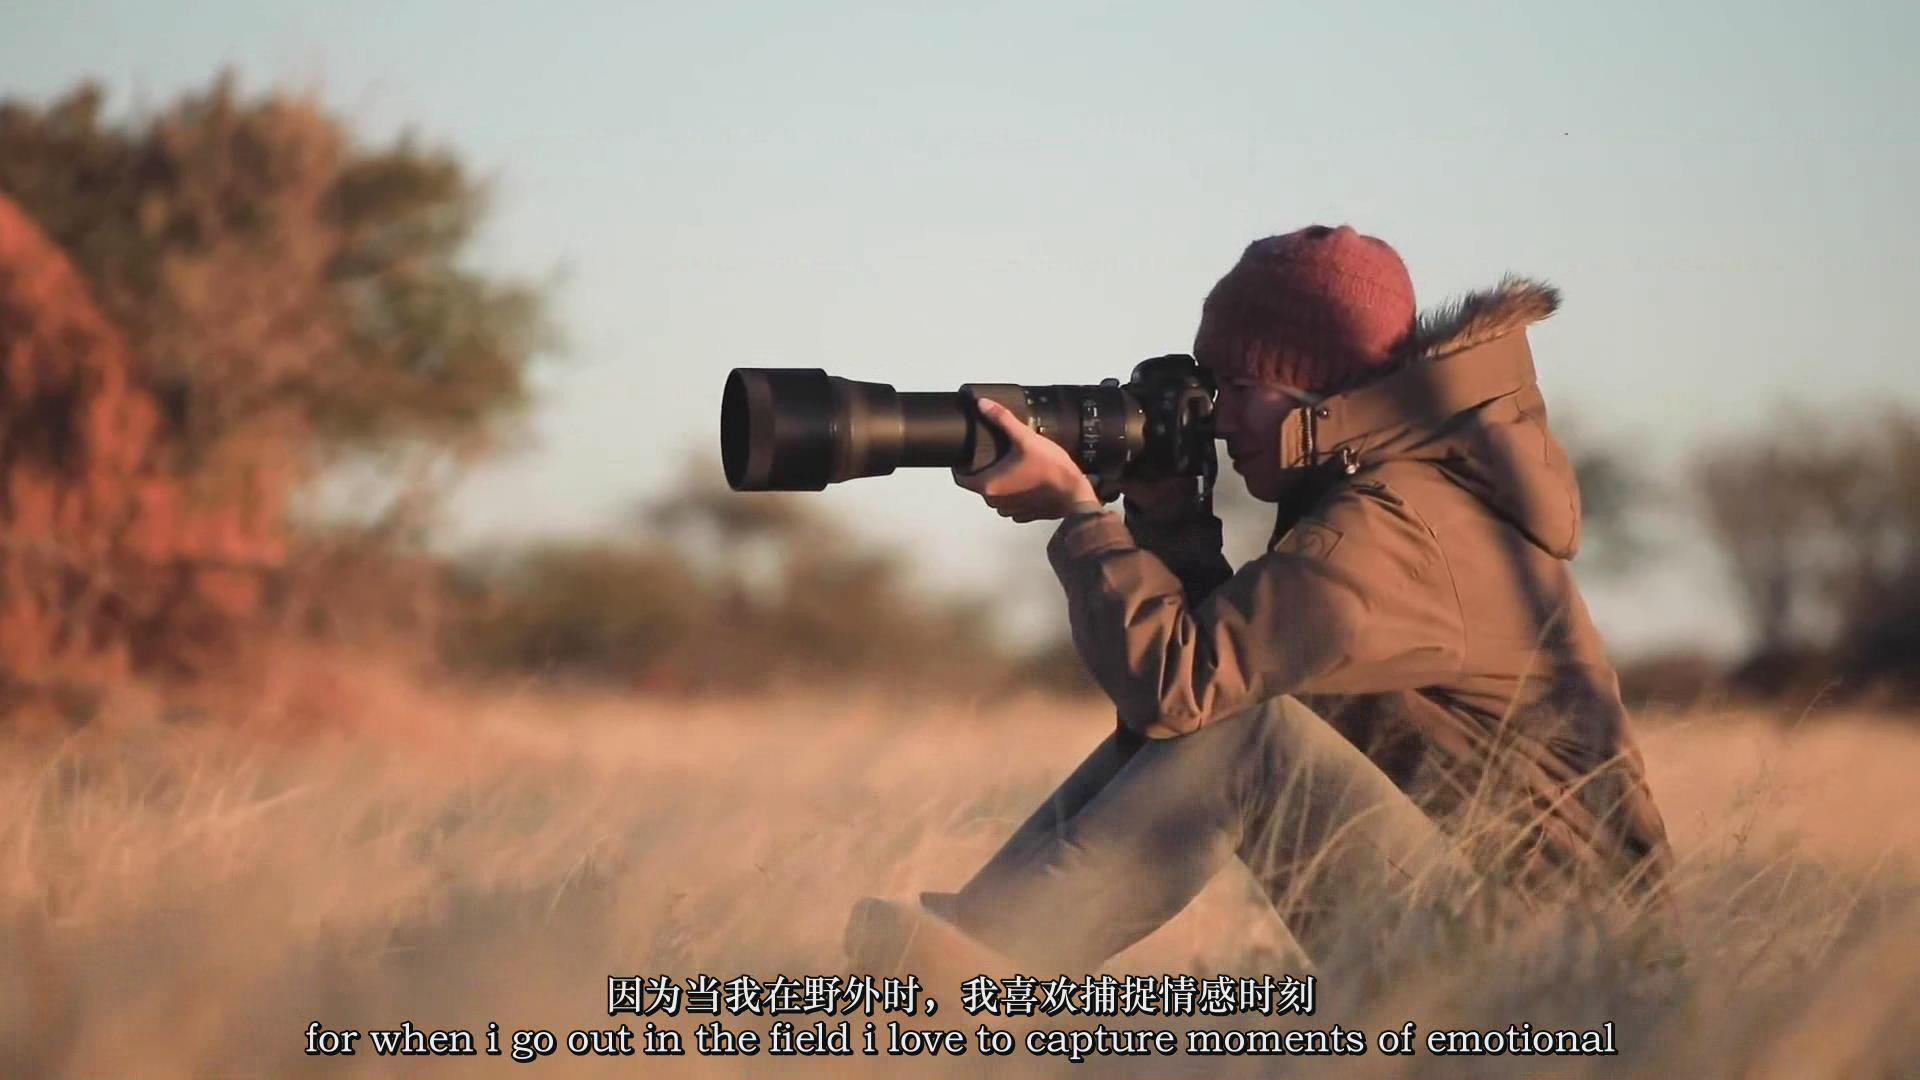 摄影教程_Chase Teron的终极野生动物摄影及后期套装教程附RAW素材-中英字幕 摄影教程 _预览图2